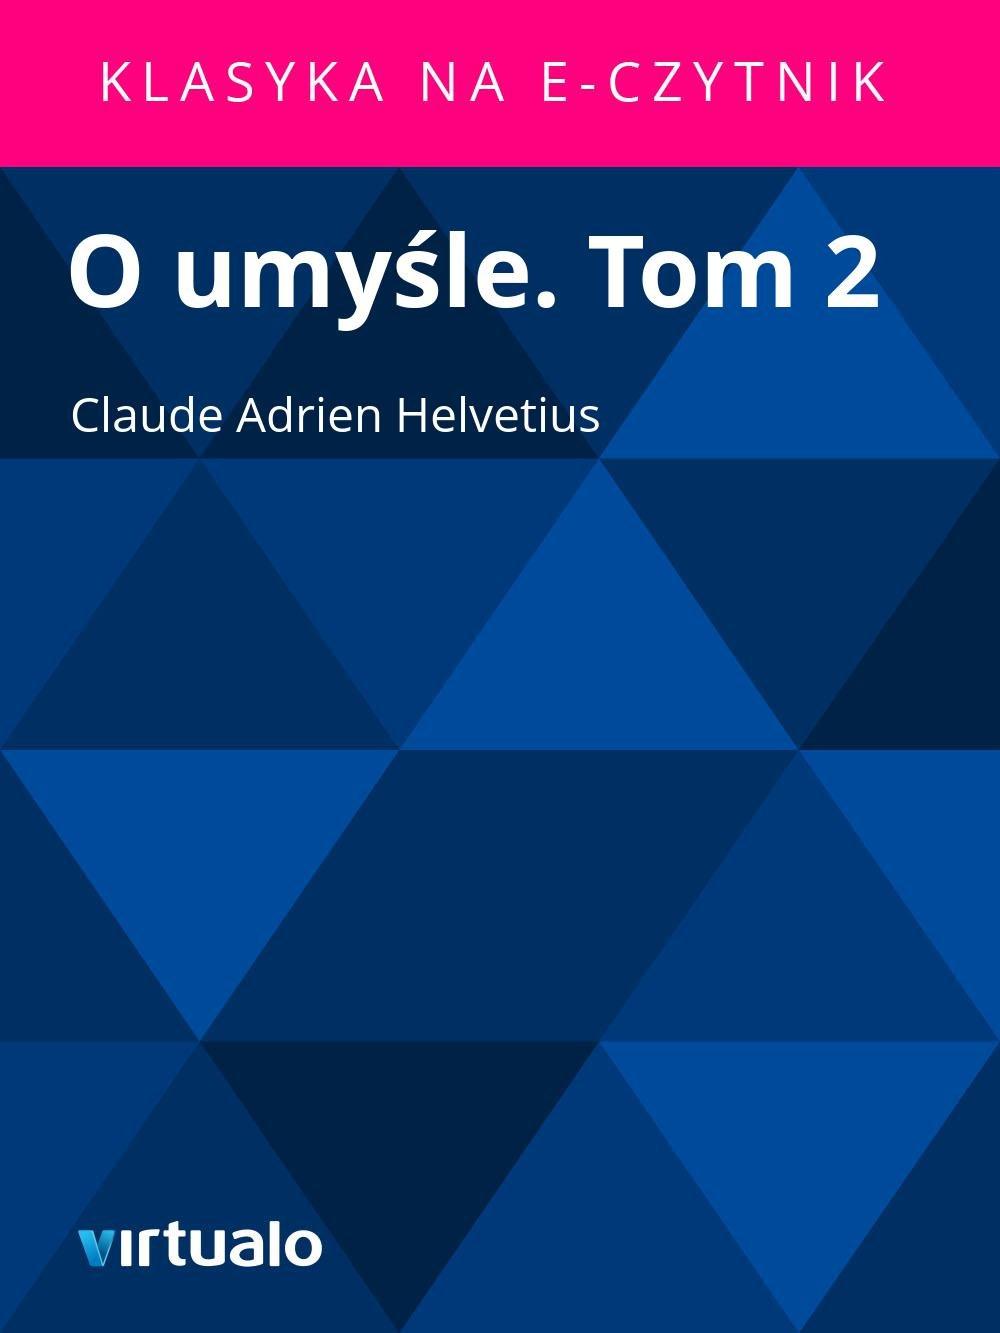 O umyśle. Tom 2 - Ebook (Książka EPUB) do pobrania w formacie EPUB